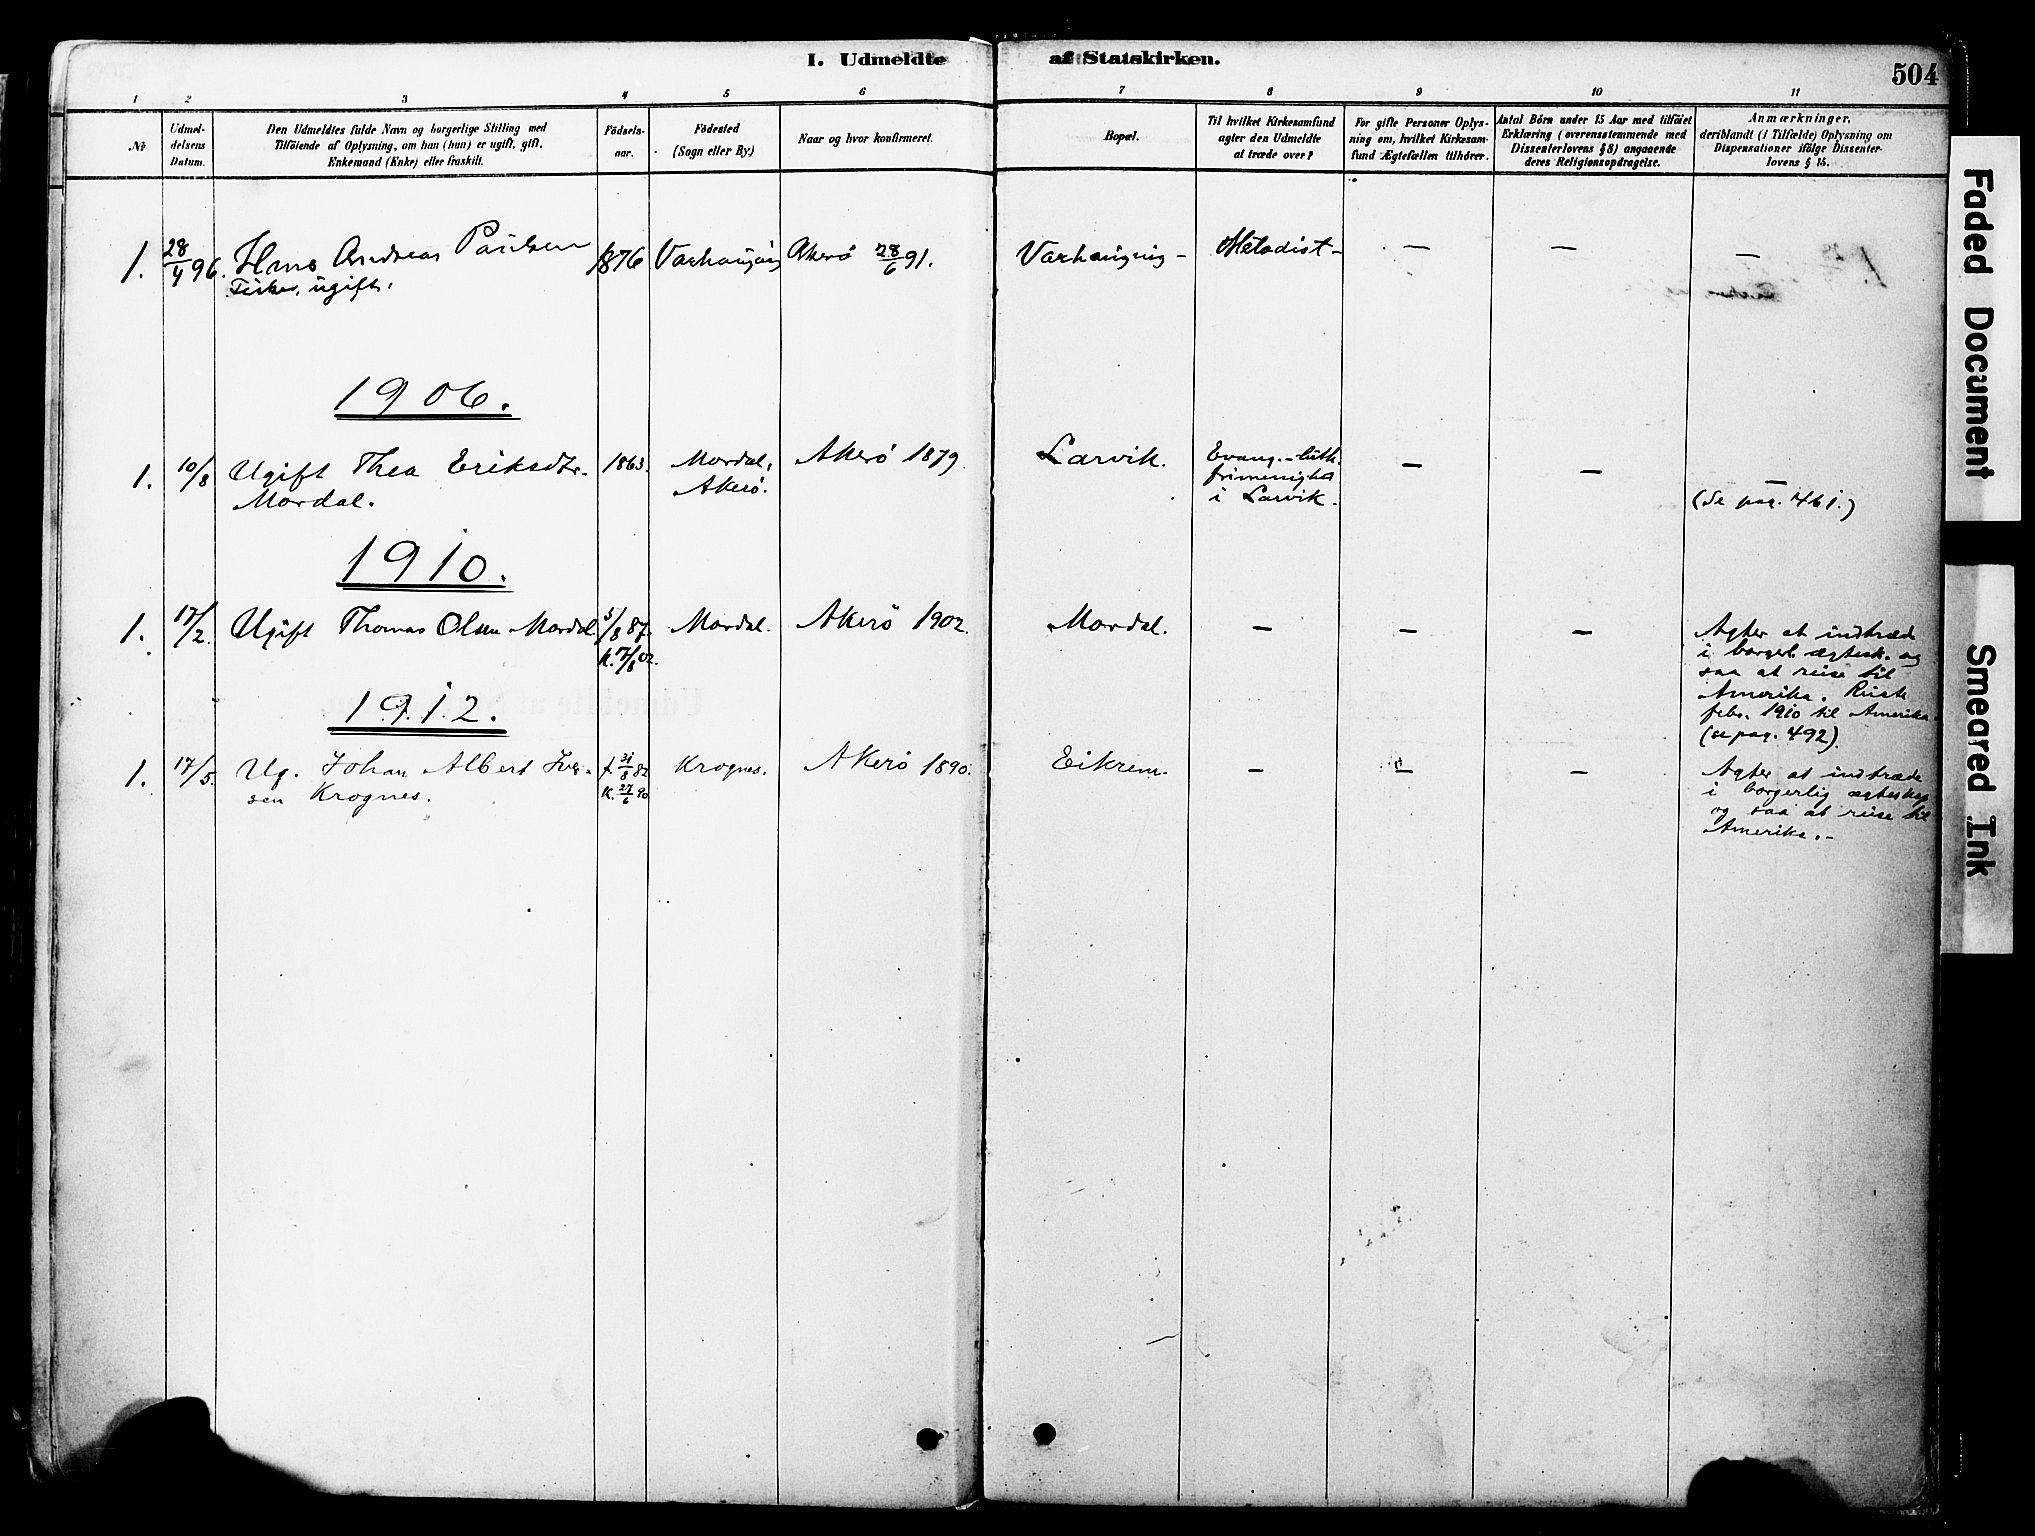 SAT, Ministerialprotokoller, klokkerbøker og fødselsregistre - Møre og Romsdal, 560/L0721: Ministerialbok nr. 560A05, 1878-1917, s. 504